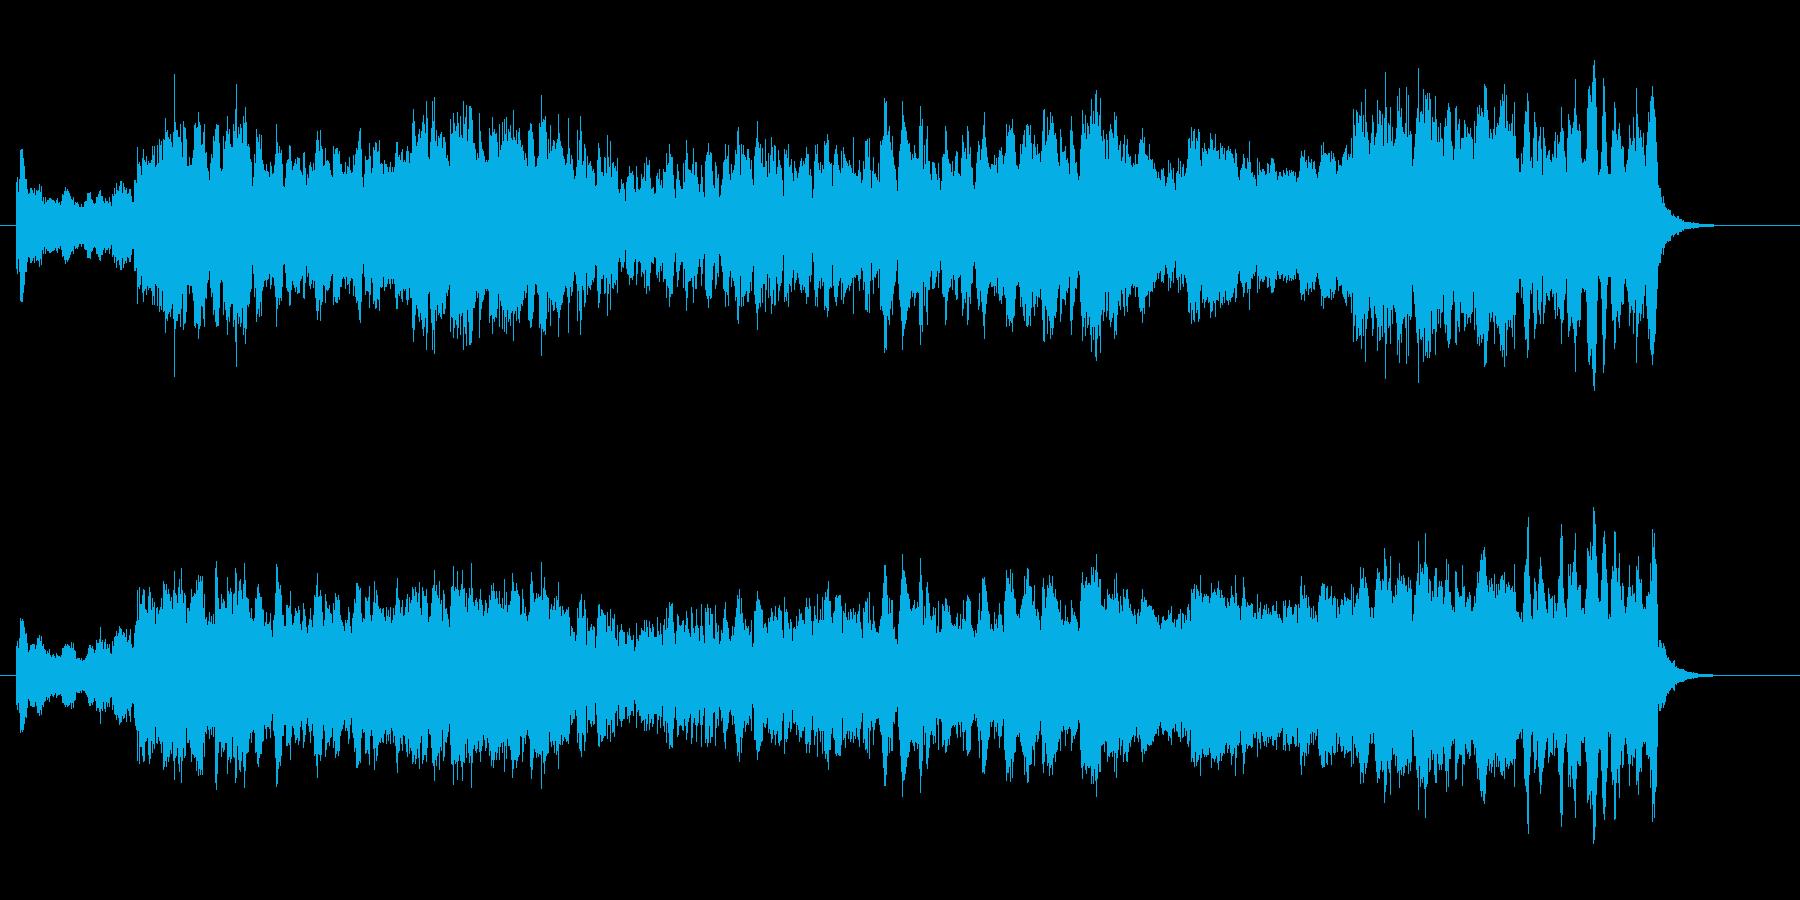 シンフォニック・サウンド/サントラ風の再生済みの波形